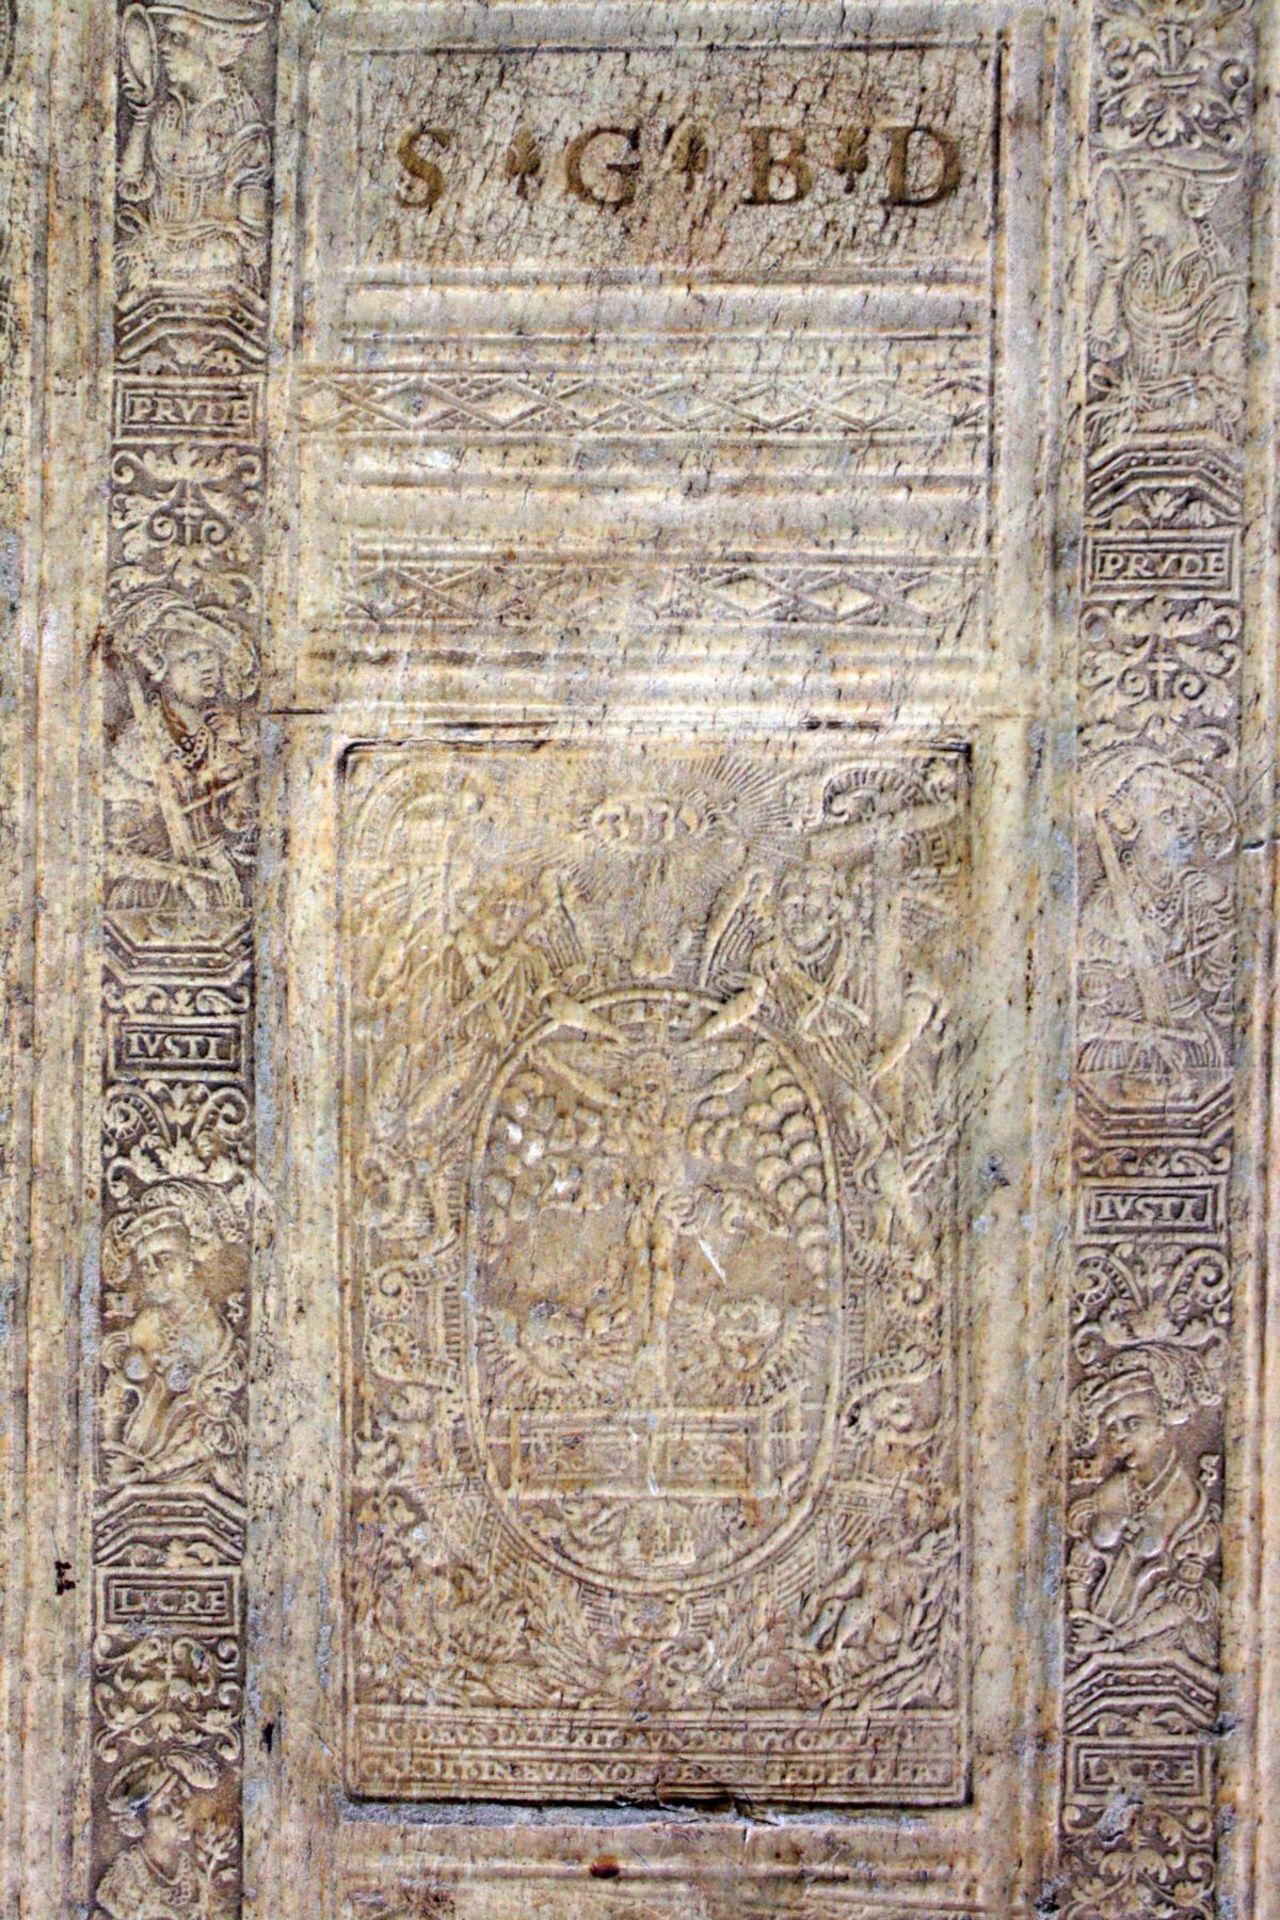 Griechische-Lateinische Bibel, Novum Testamentum 1582 - Bild 4 aus 23